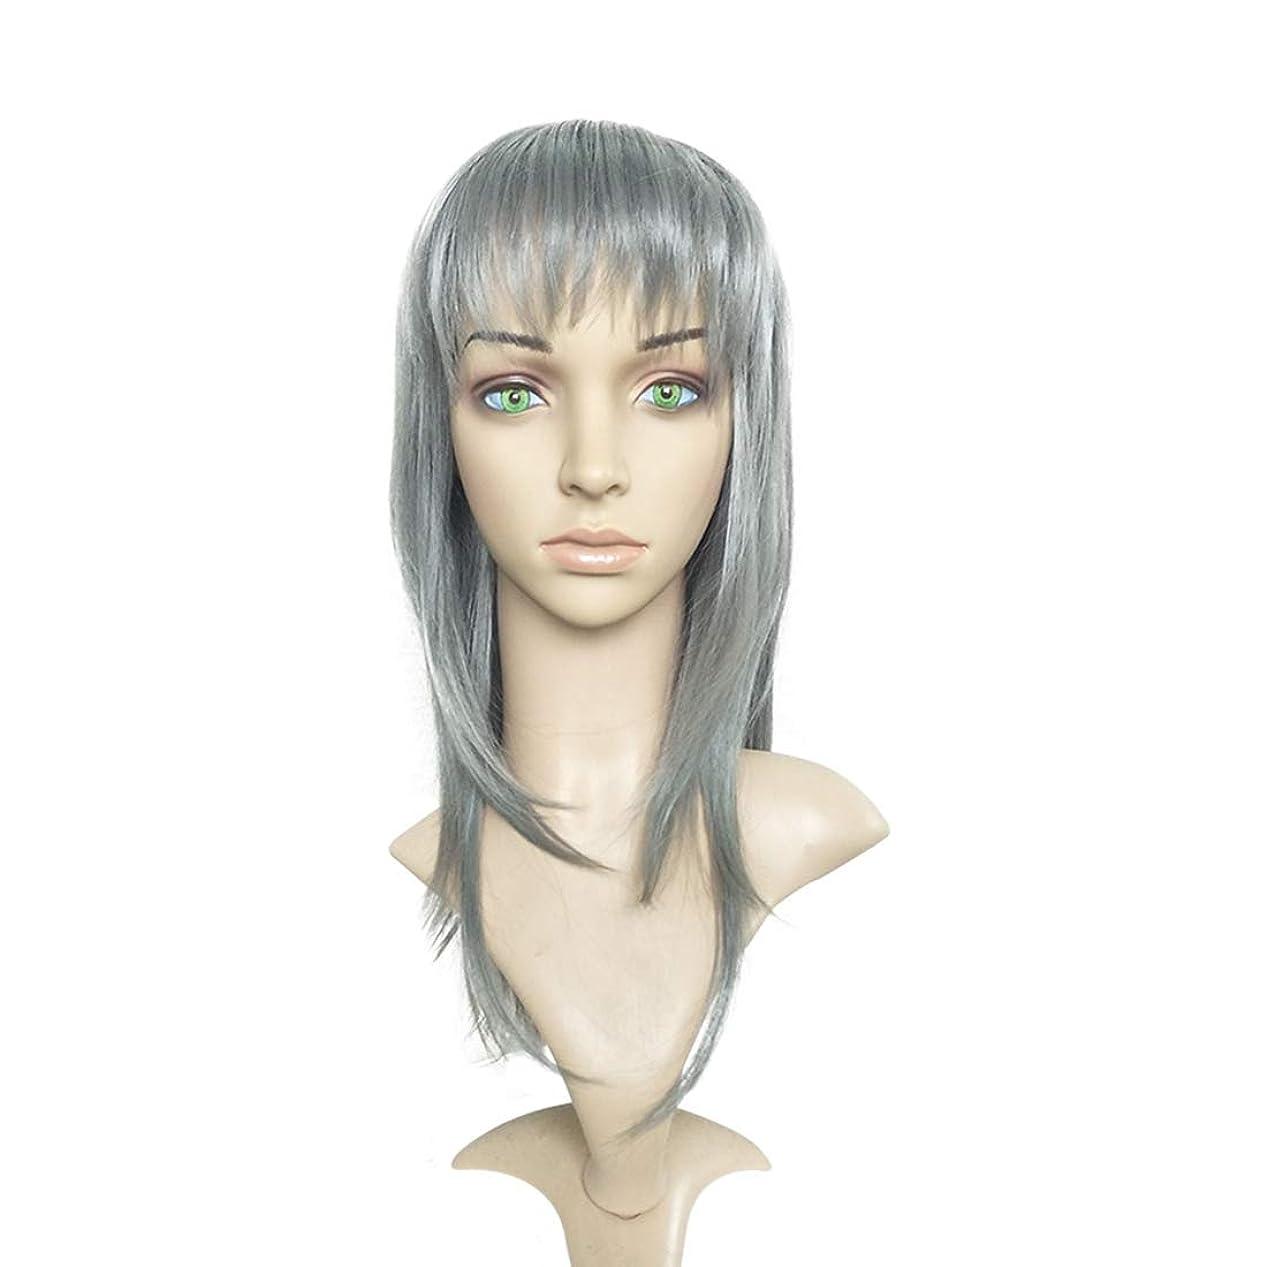 でペア特異性Koloeplf ヨーロッパとアメリカのパーティーウィッグシルバーグレーブロークンバングストレートヘアウィッグ (Color : Silver gray)